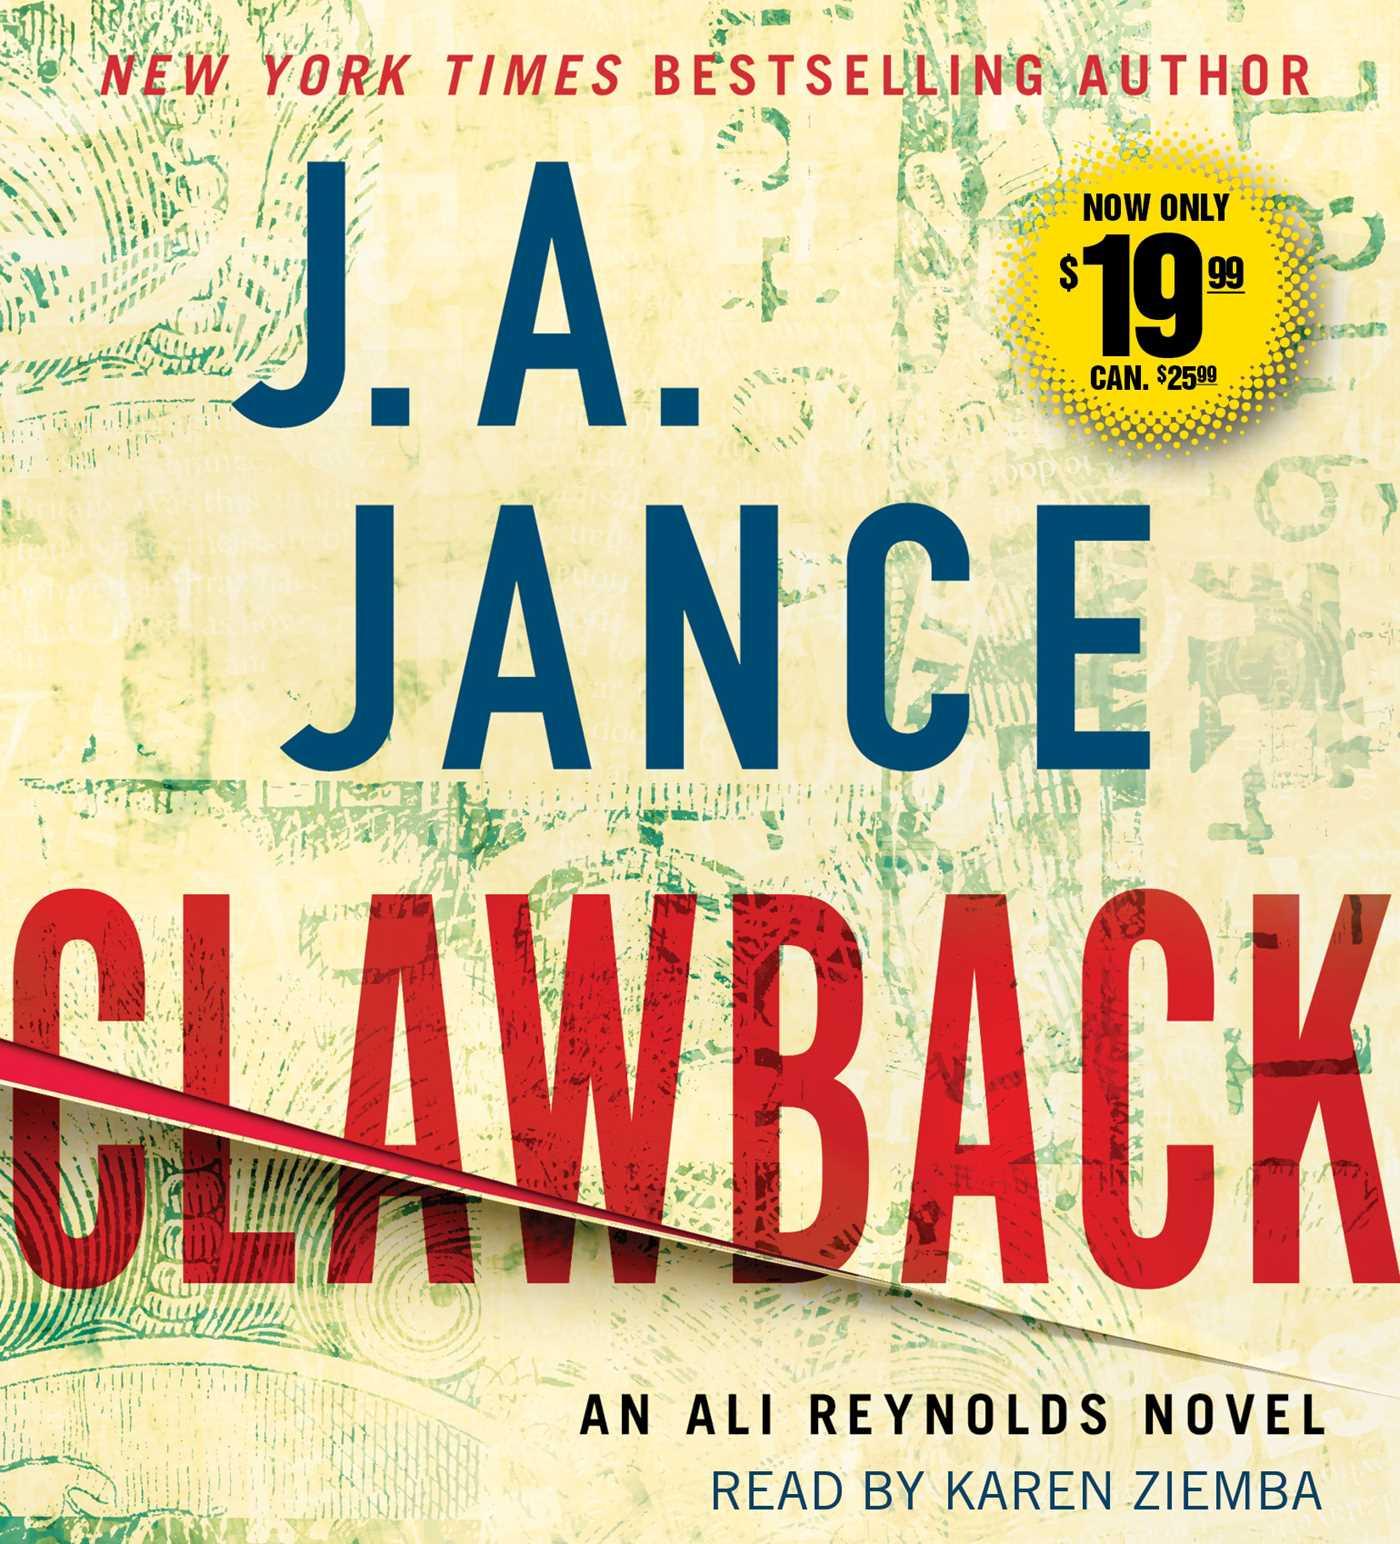 Clawback 9781508226390 hr